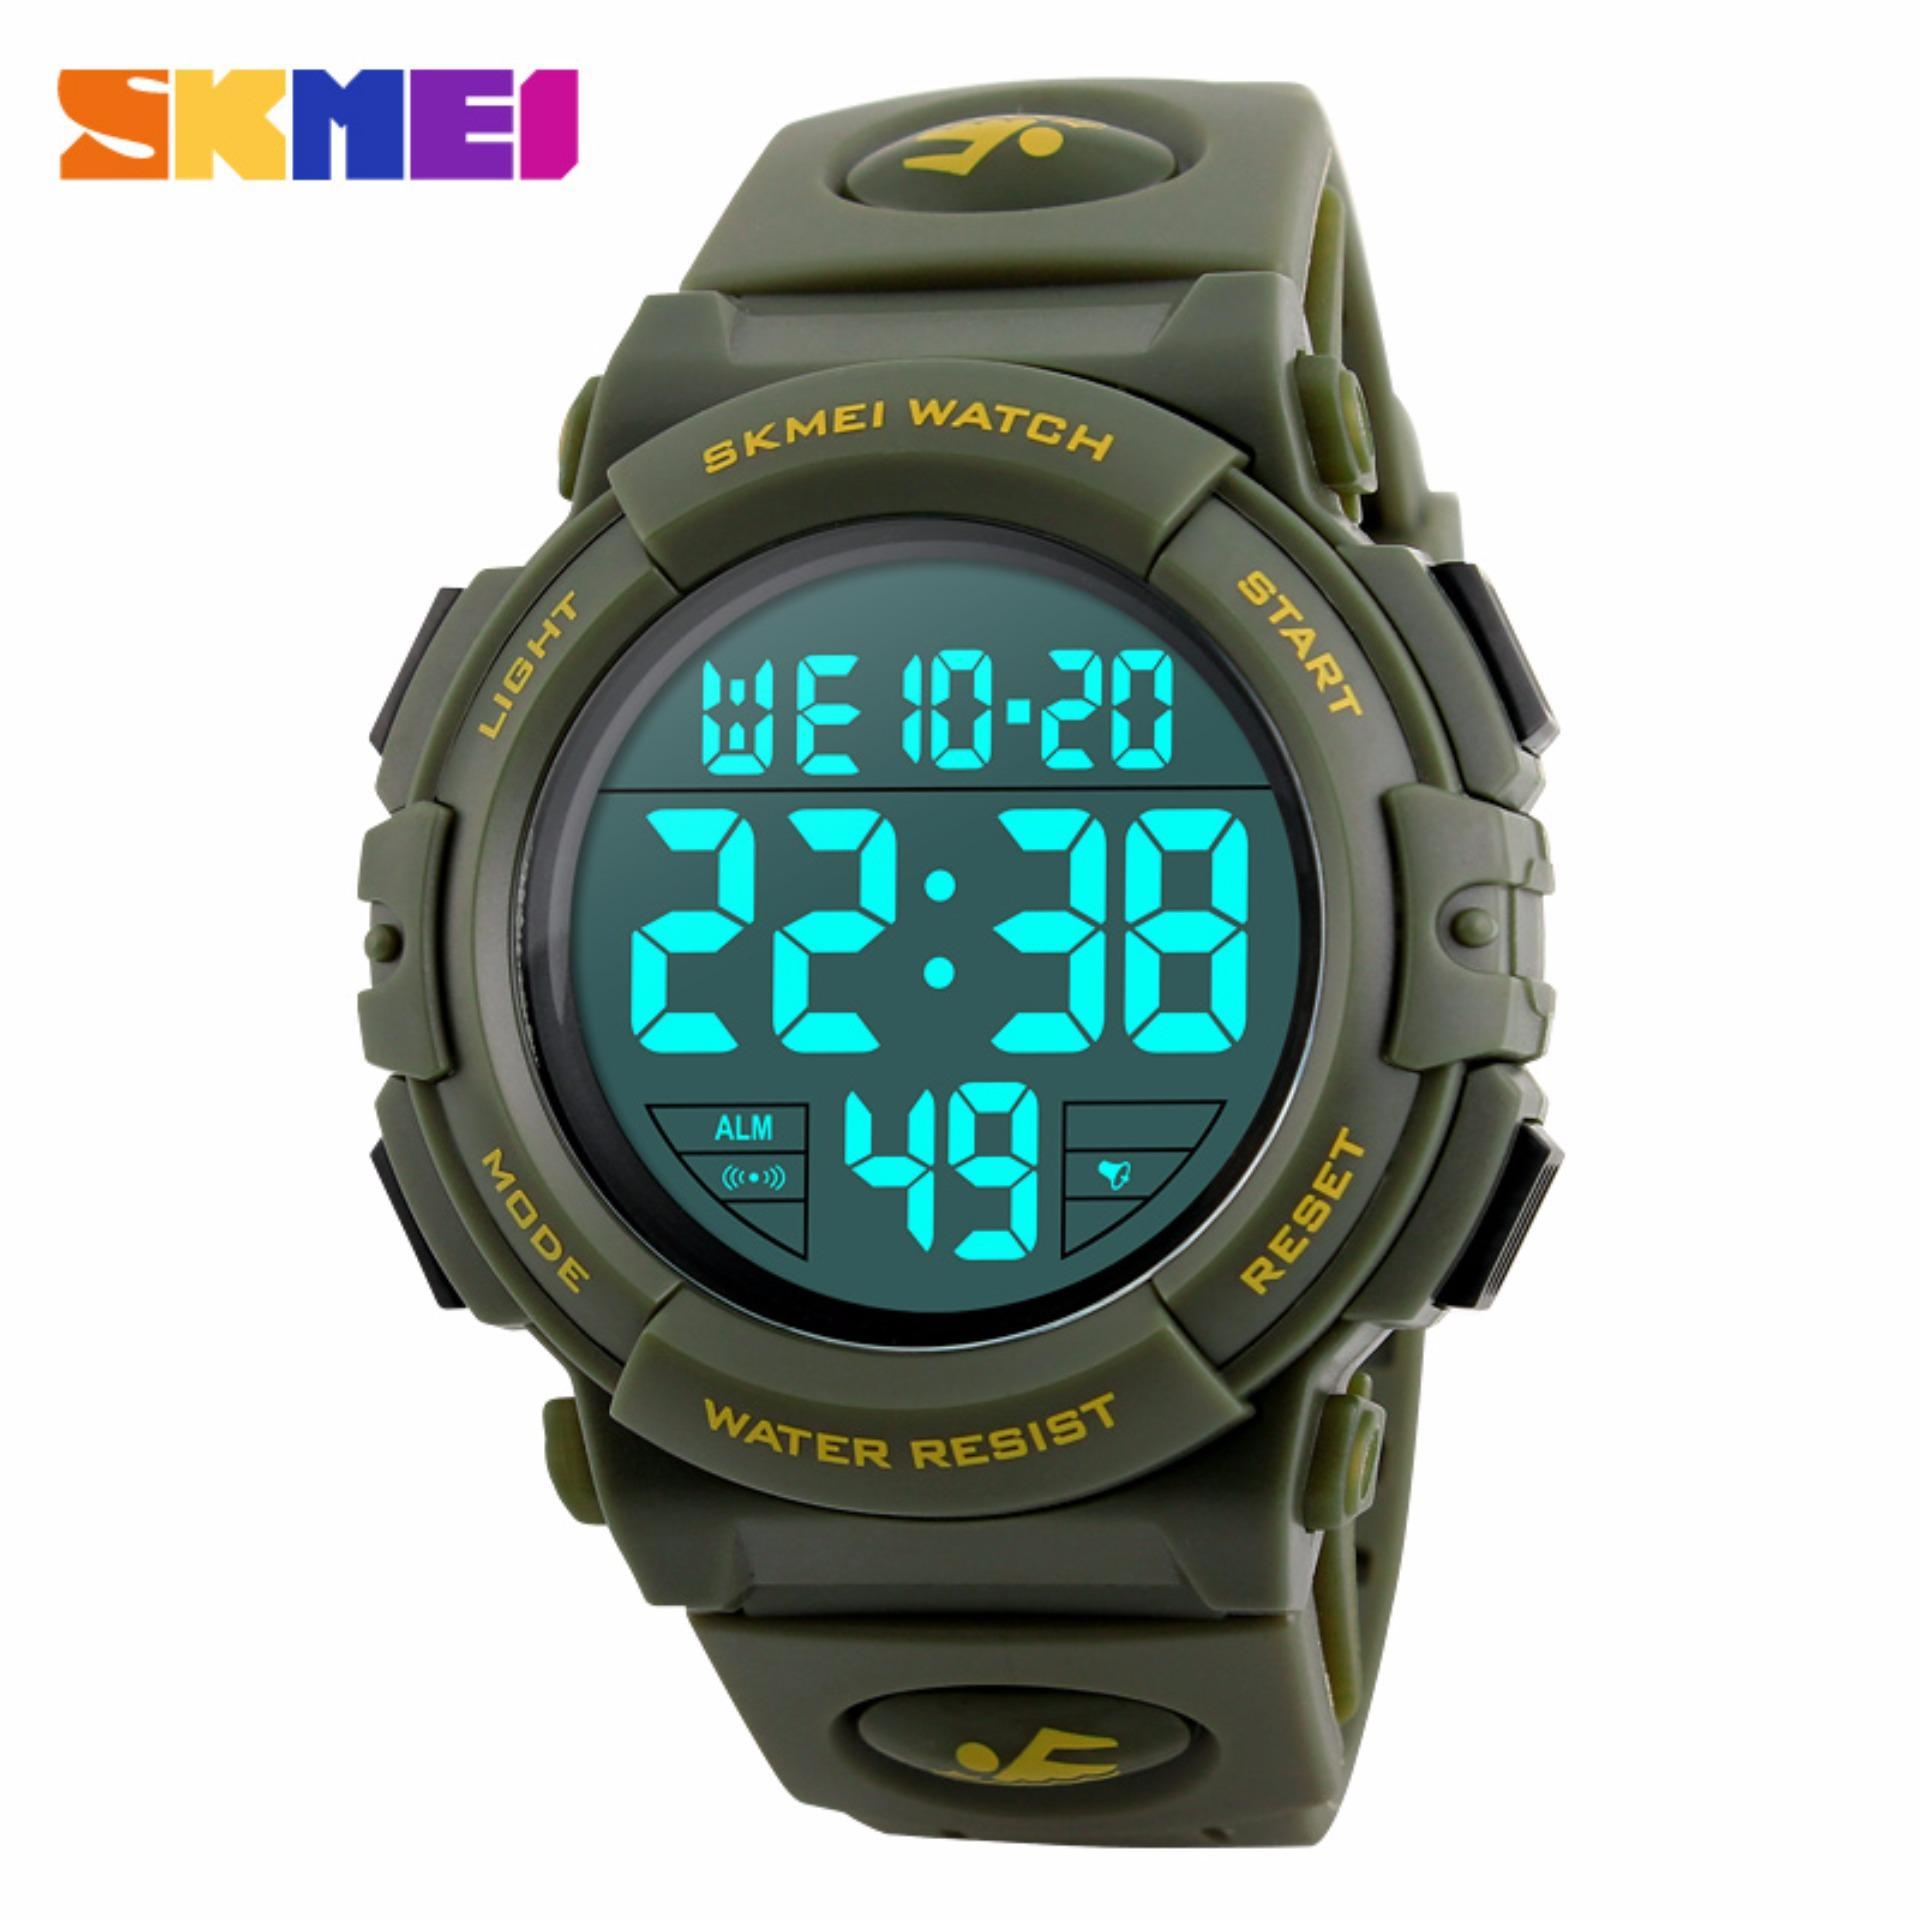 Beli Skmei Jam Tangan Pria Jam Tangan Digital Sporty Day Date Alarm Water Resist Dg1258 Army Green Nyicil